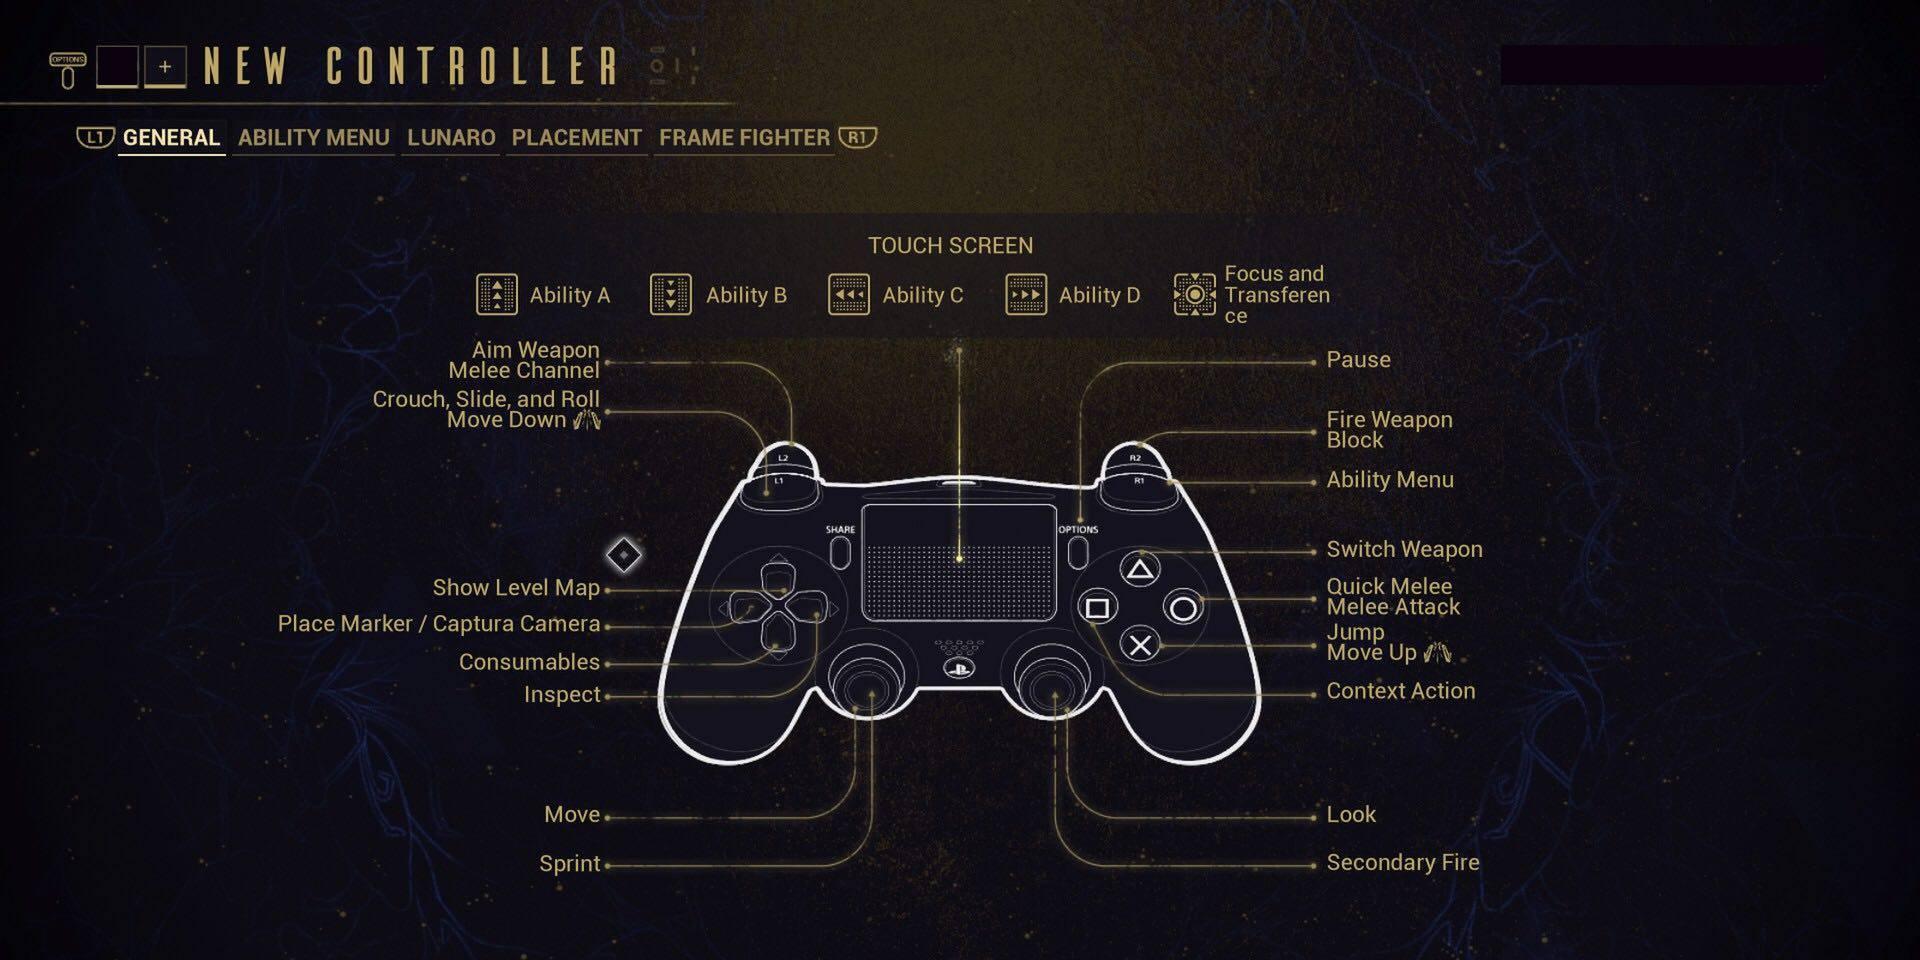 PS4 Fortuna: The Profit-Taker - Update 24 2 9 (In Cert